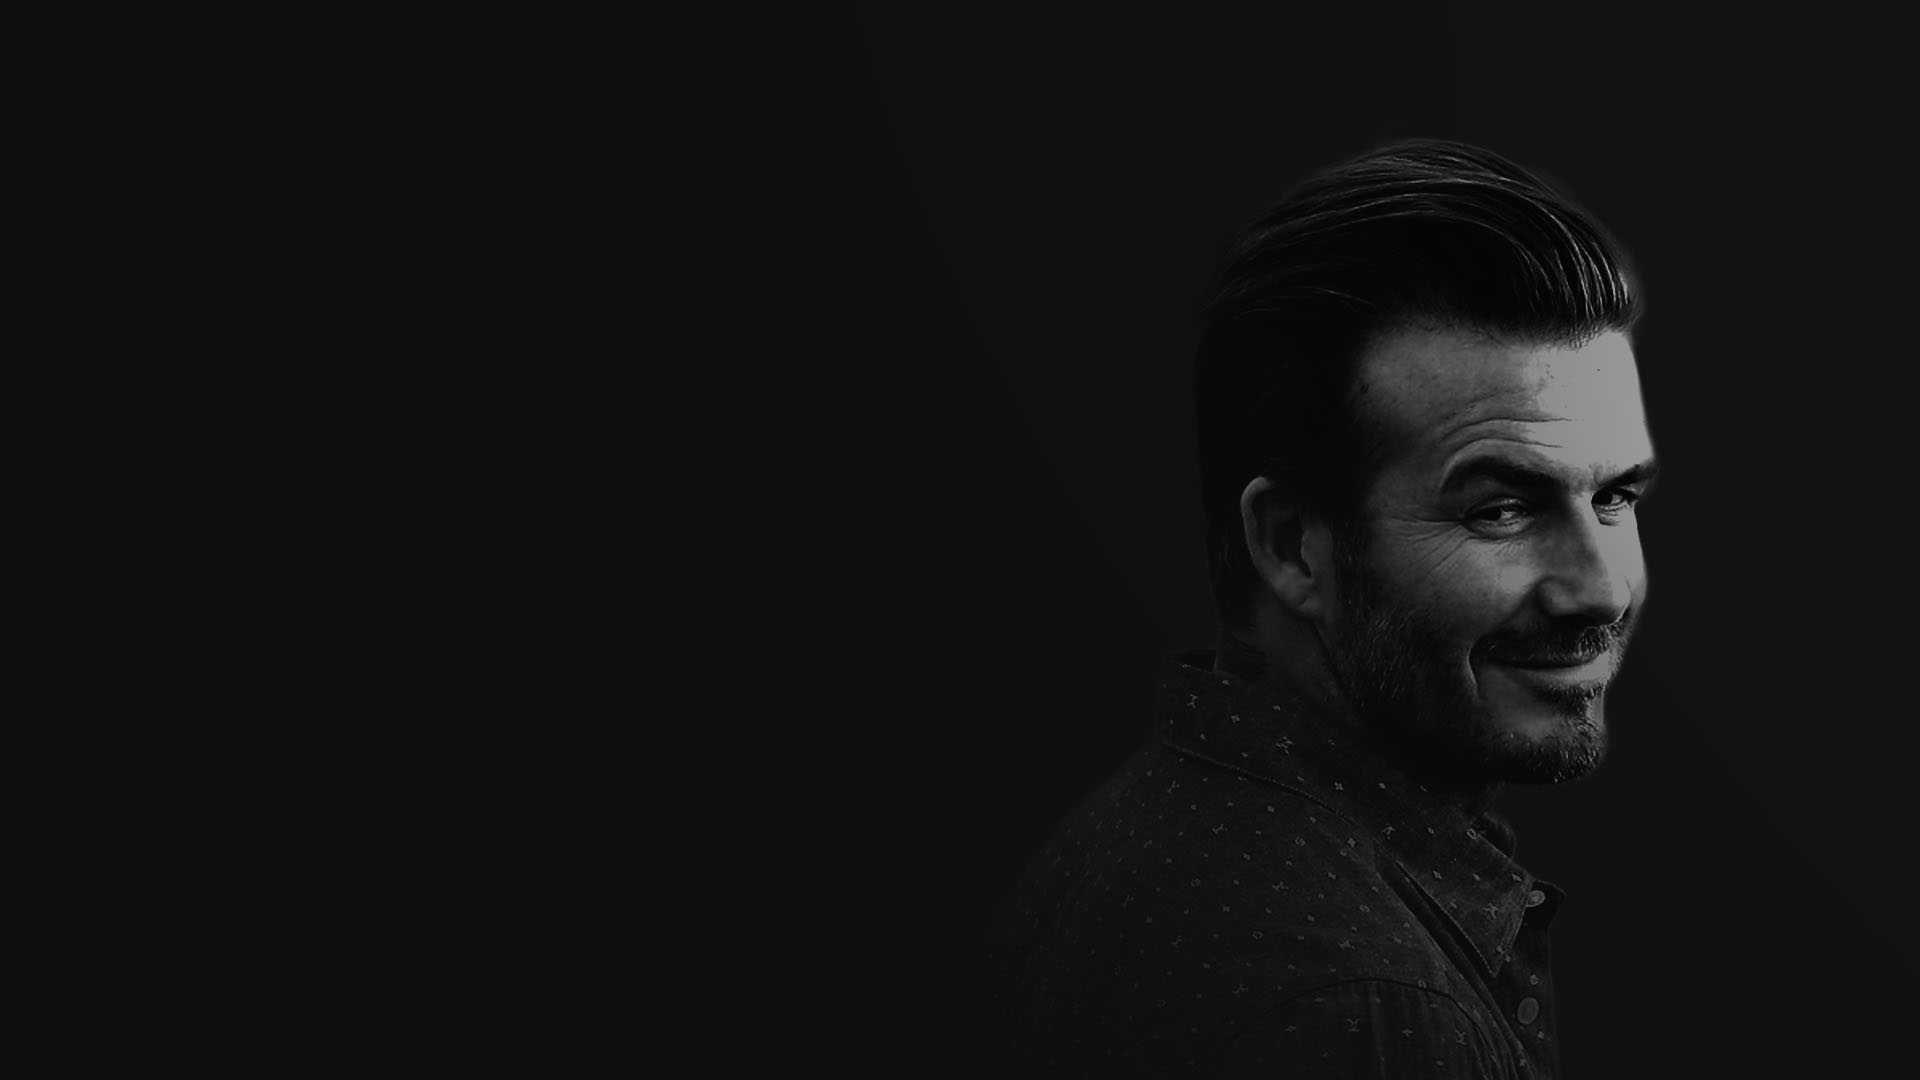 David Beckham Wallpapers 2